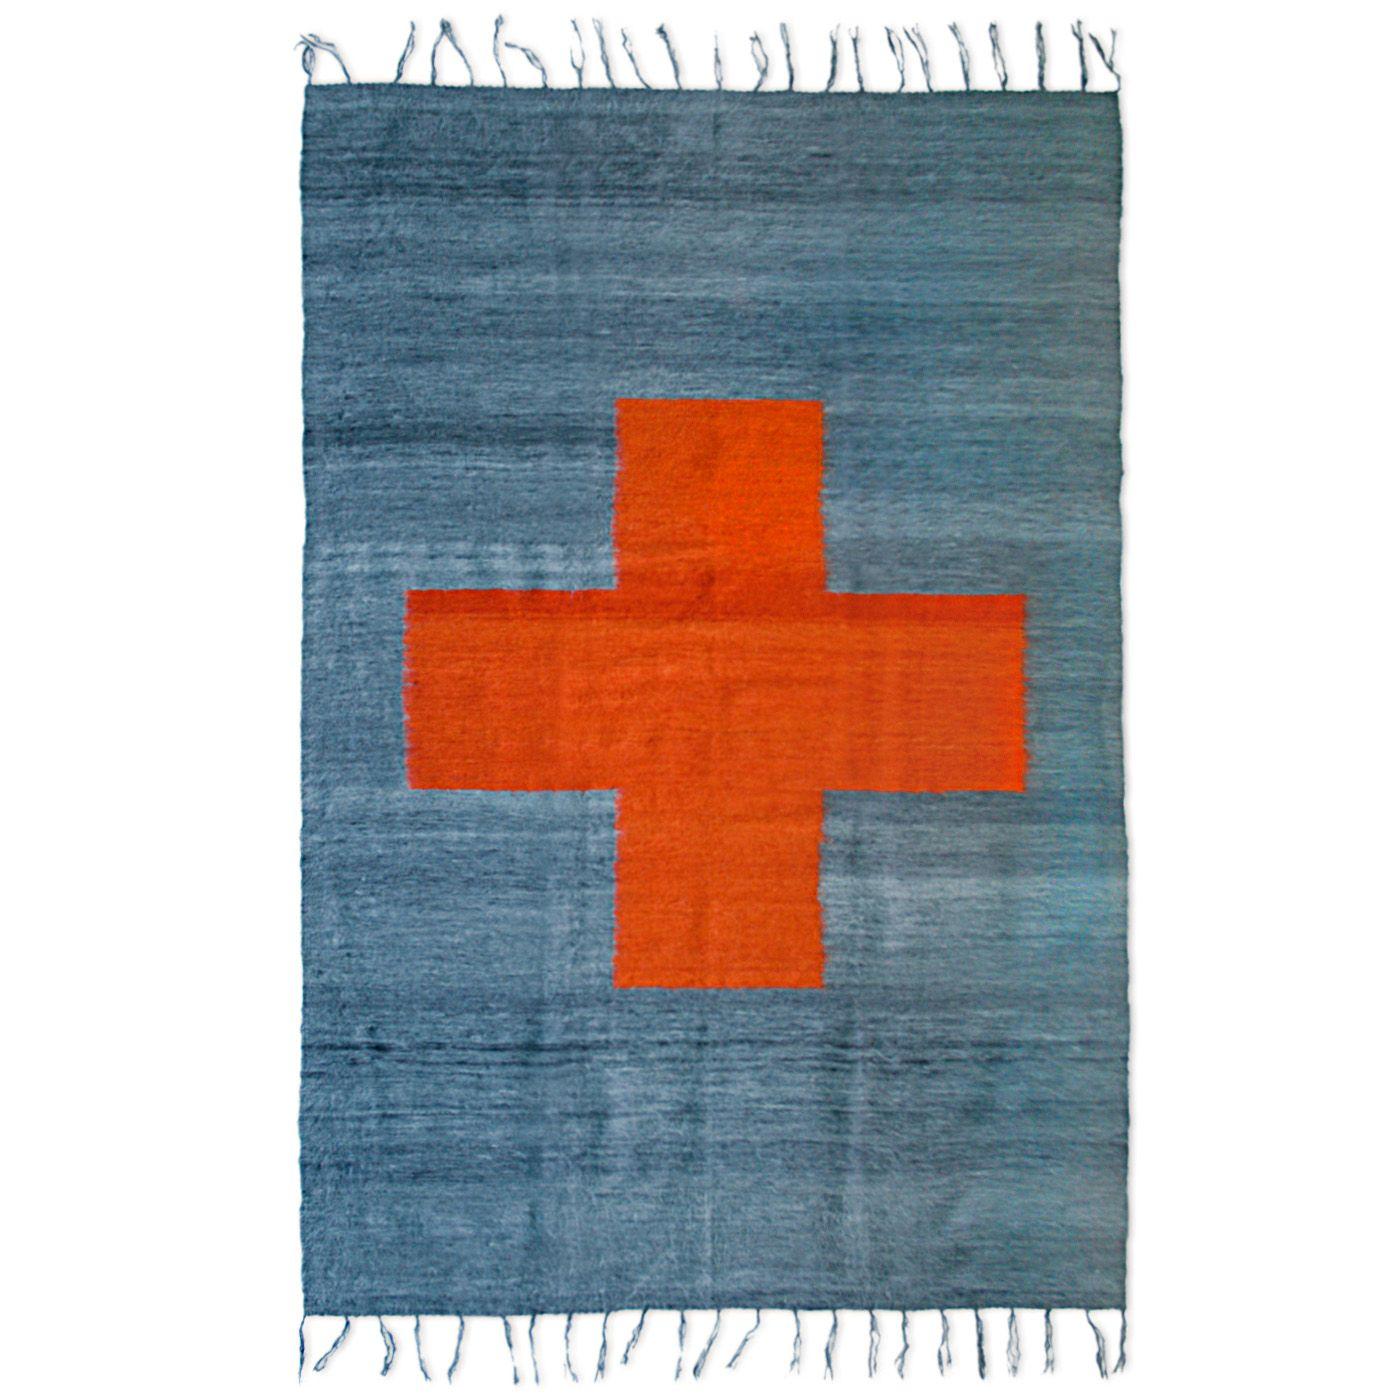 TEXTILE - Blankets Jonathan Adler Wv8Lqnd